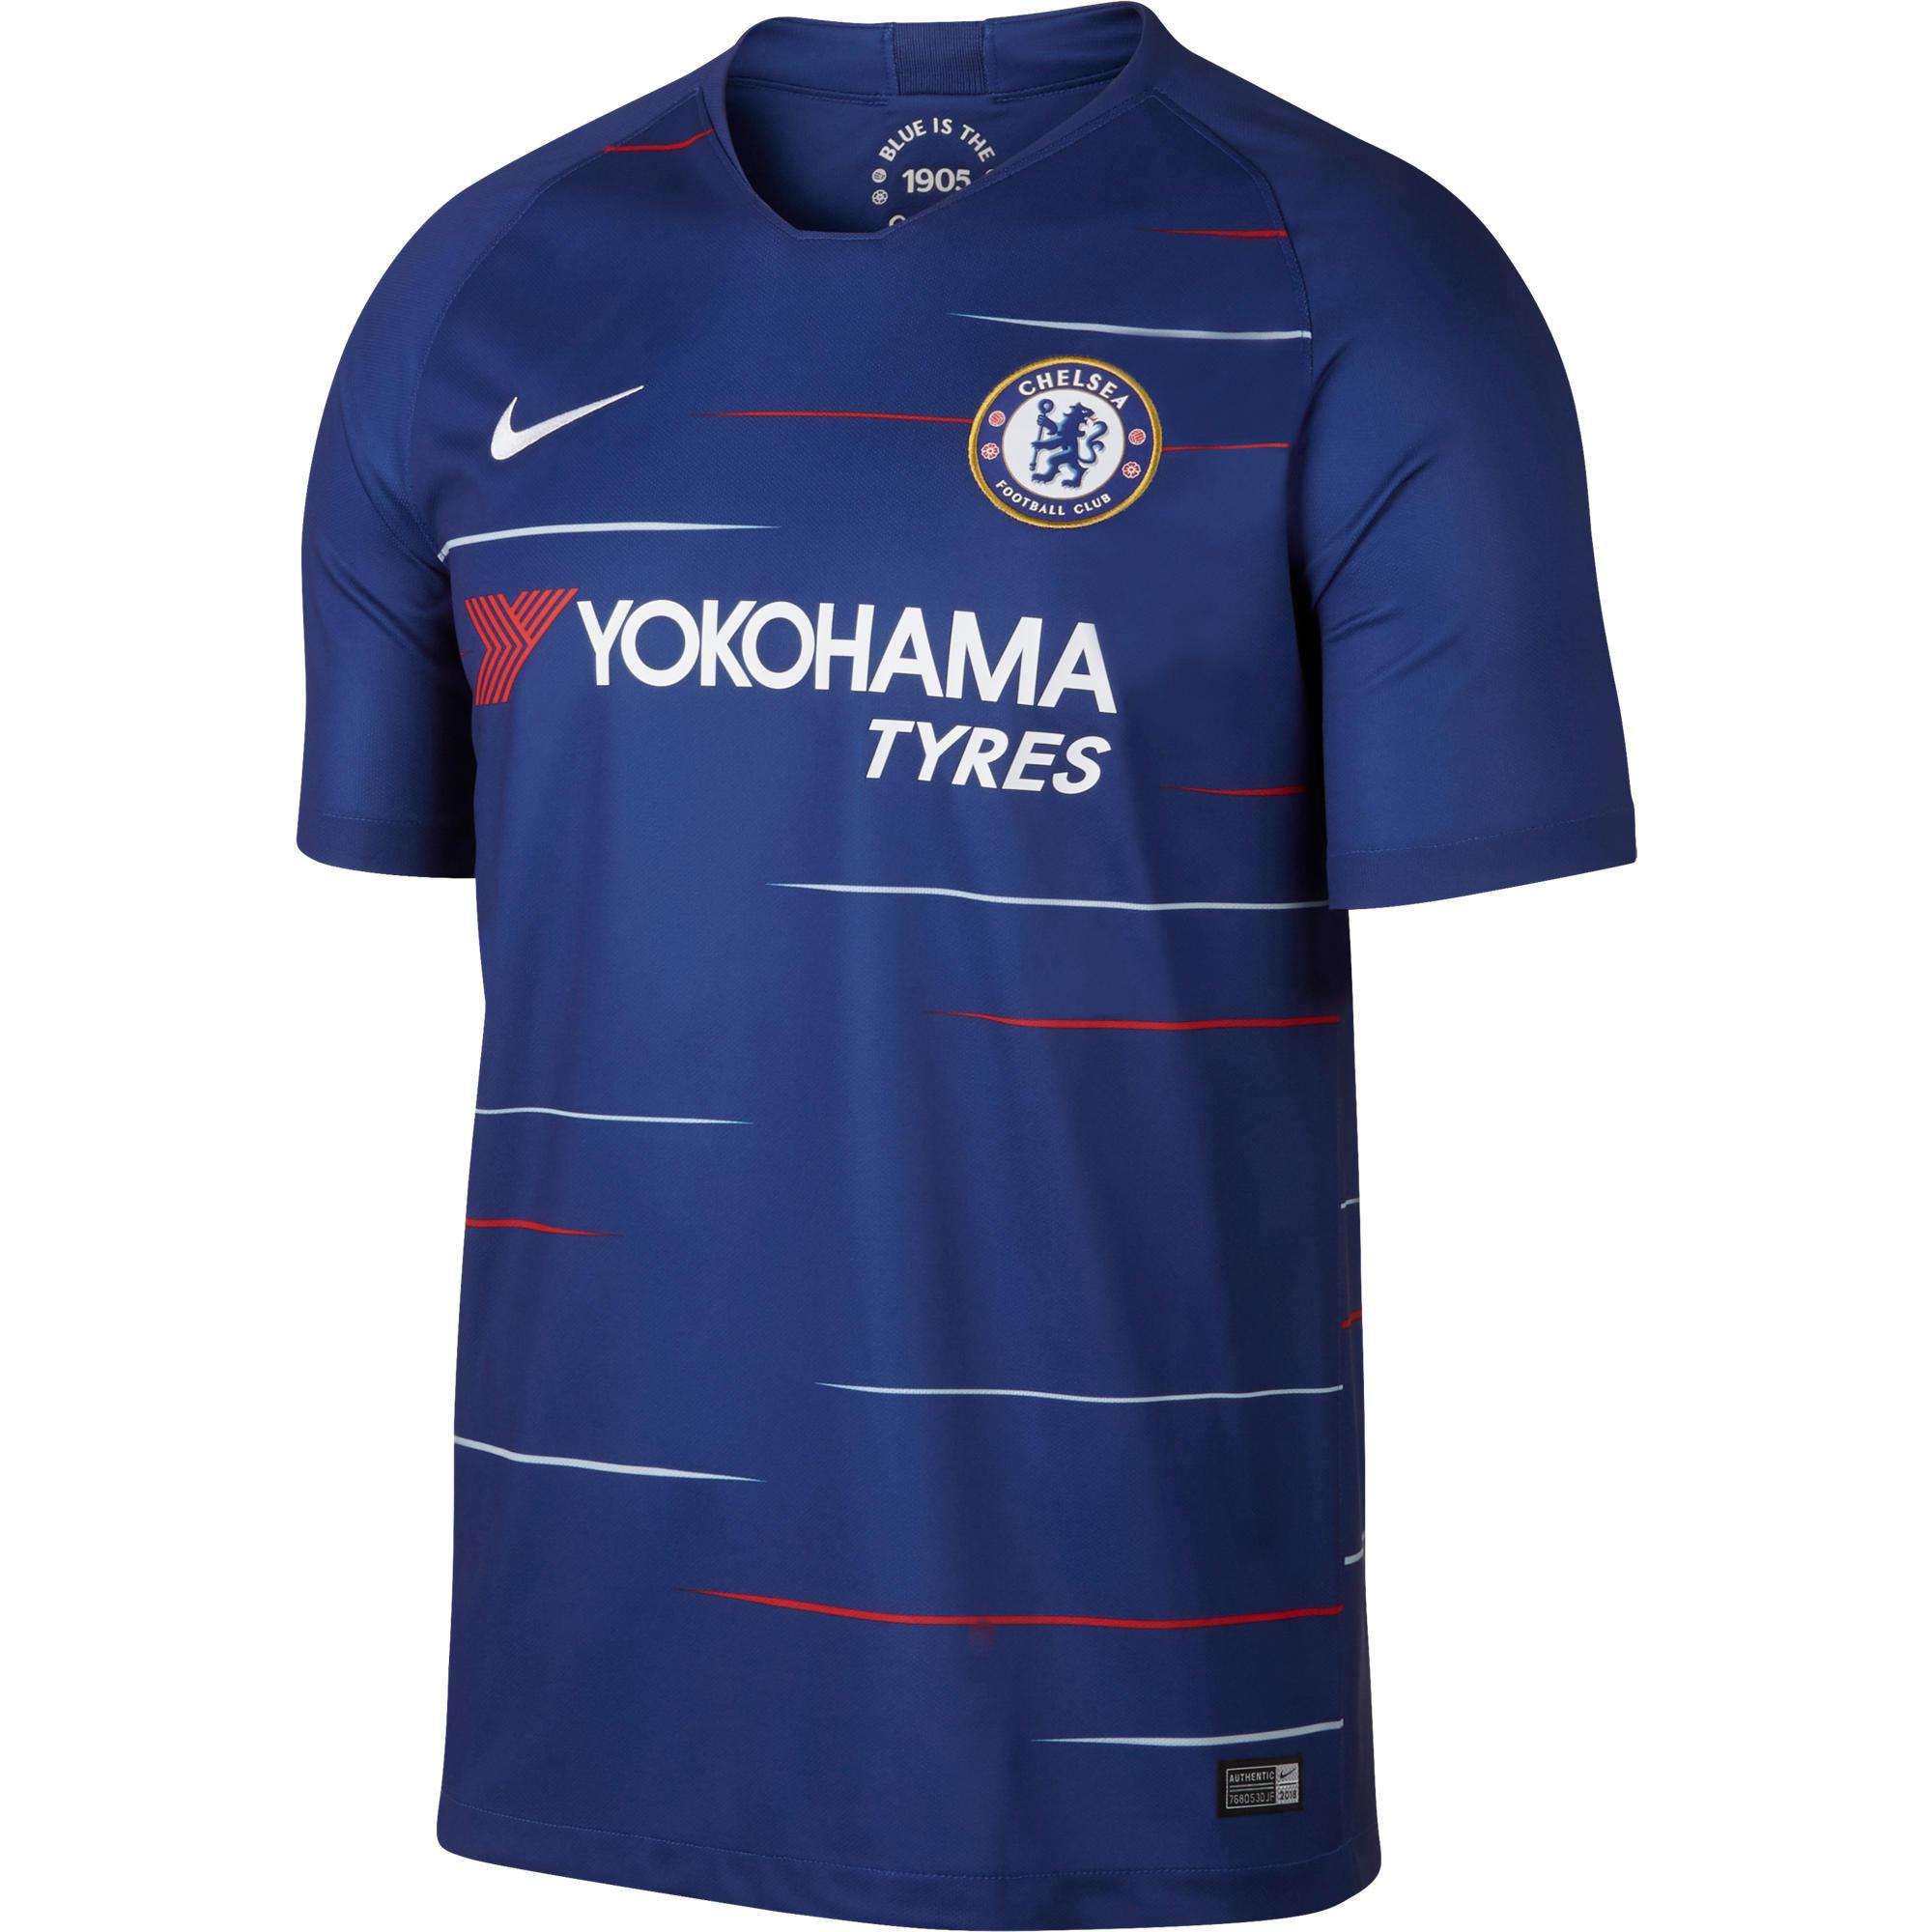 923f1205 Camiseta de Fútbol Nike oficial Chelsea 1ª equipación niños 2018/2019